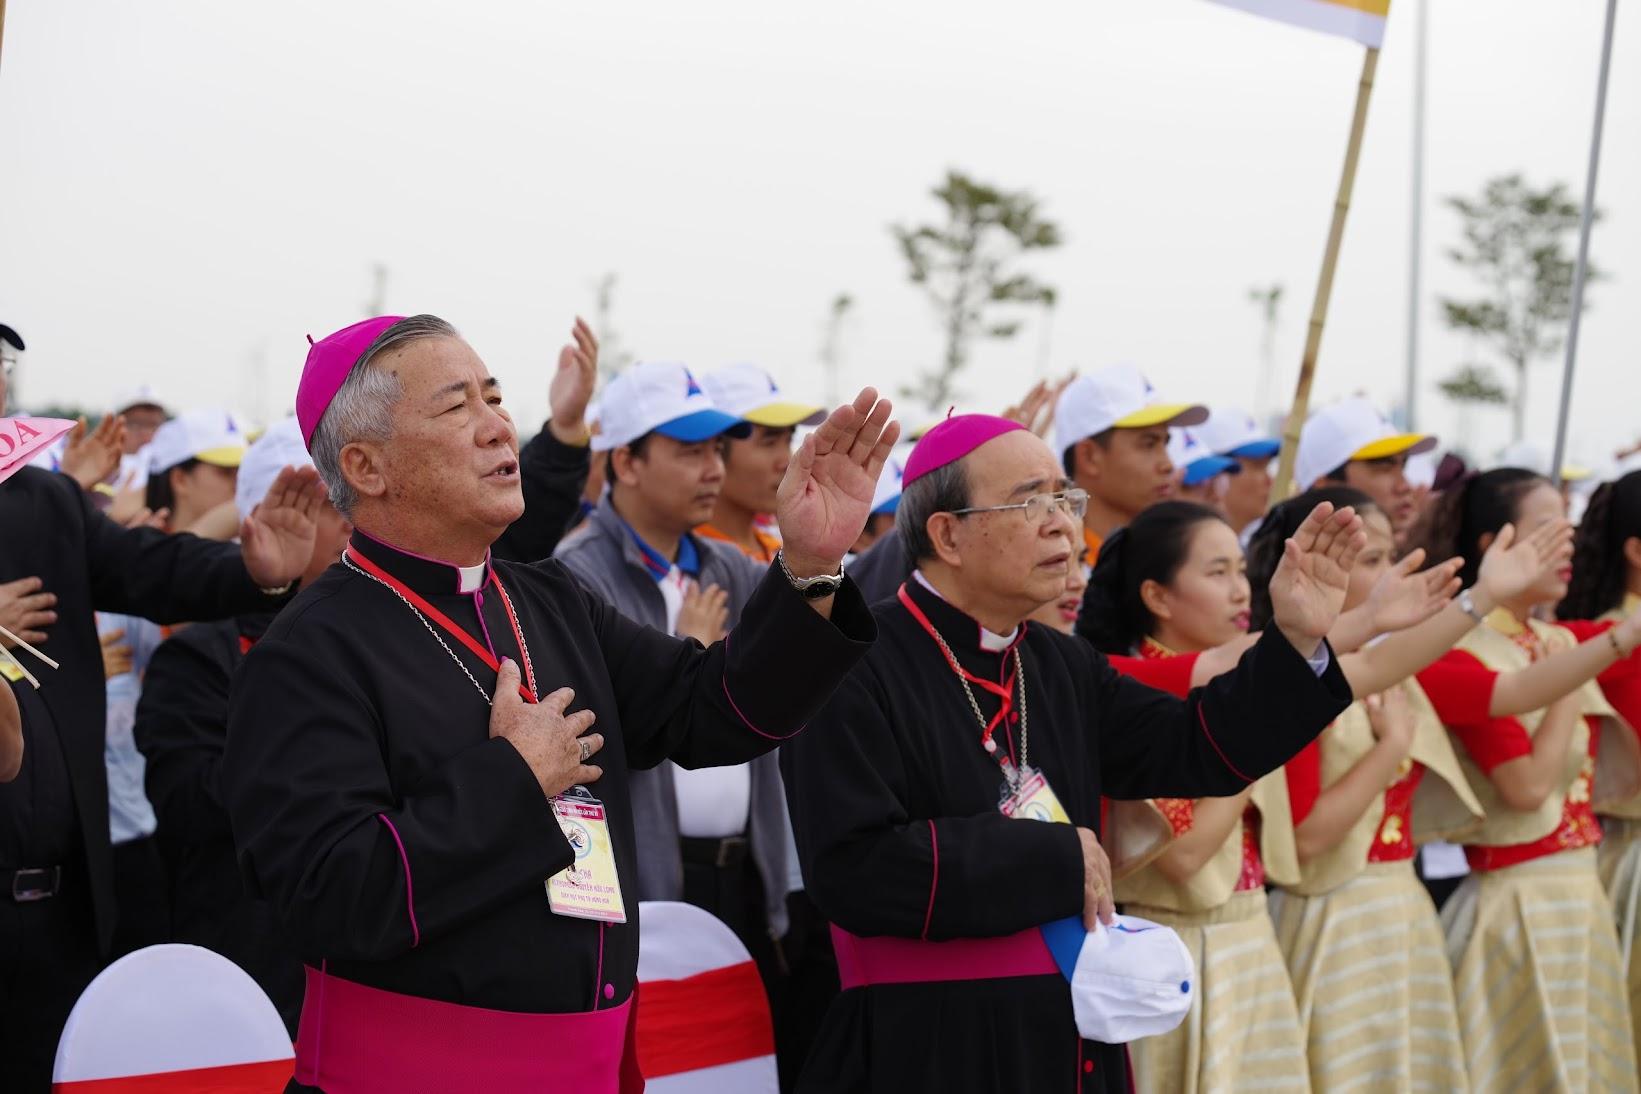 Những hình ảnh đẹp về lễ khai mạc Đại Hội Giới Trẻ giáo tỉnh Hà Nội lần thứ XV tại Thanh Hóa - Ảnh minh hoạ 40